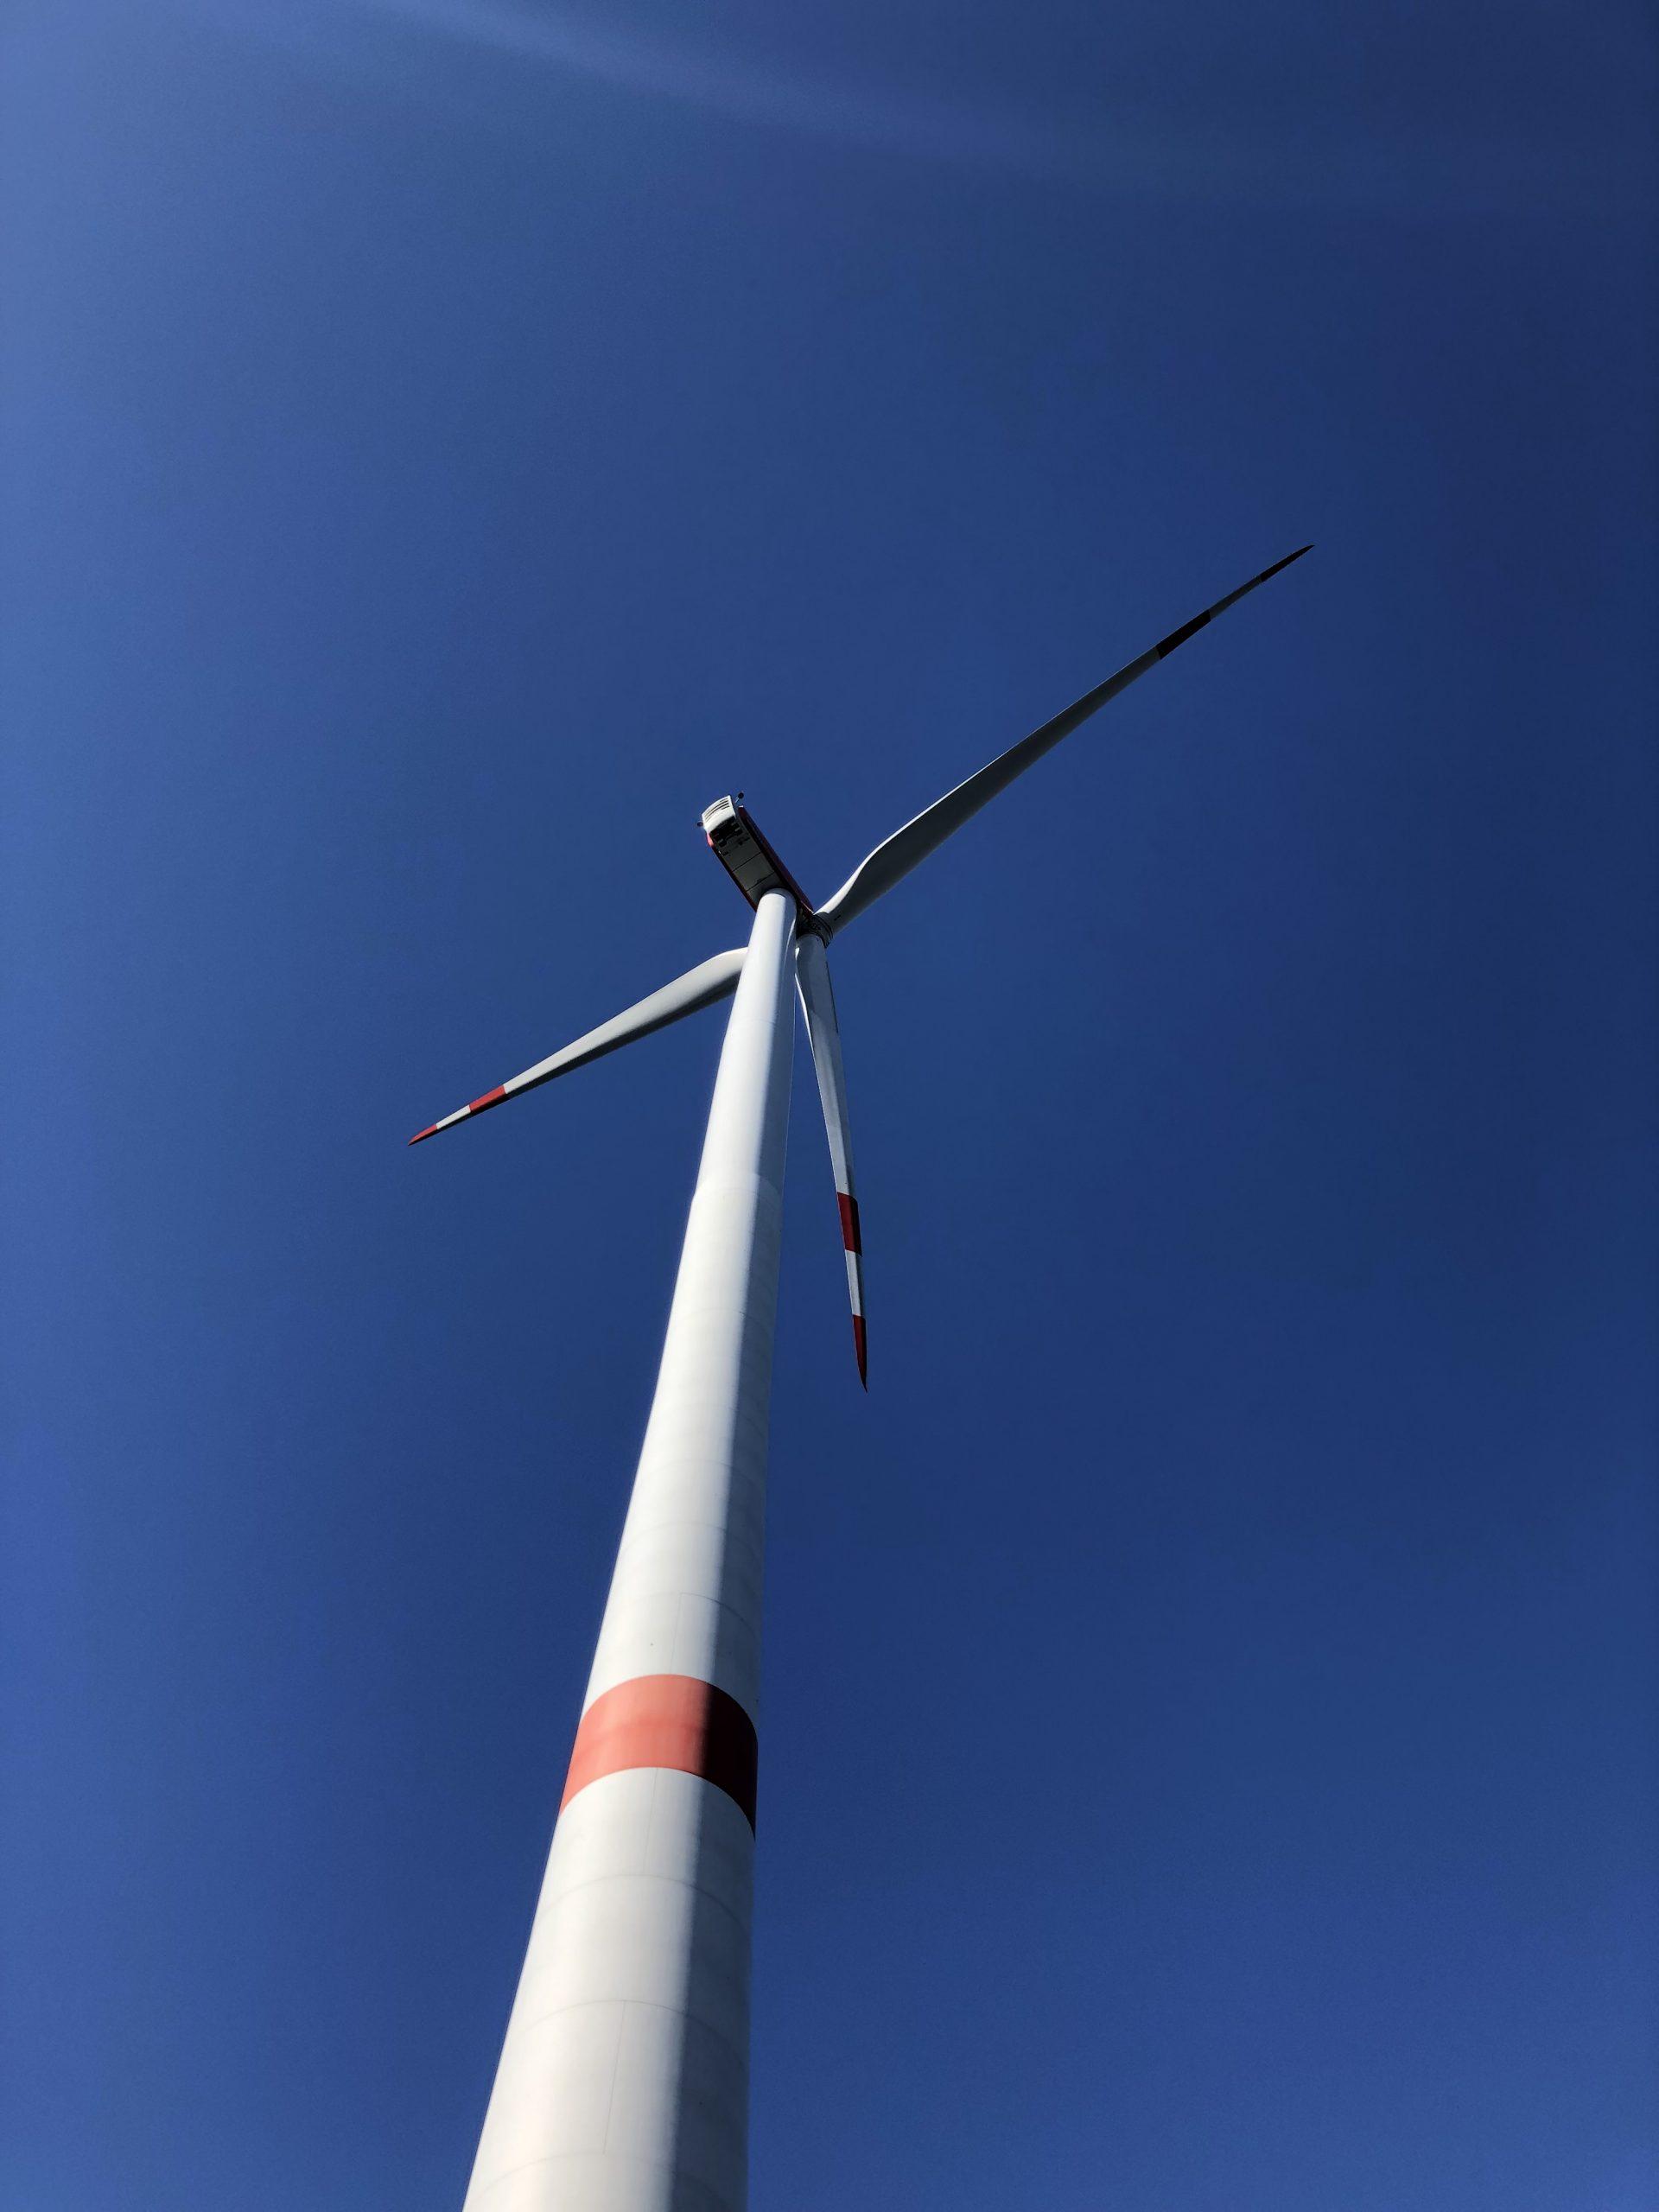 Erneuerbare Energien aus der Region, Windkraft spielt eine wichtige Rolle